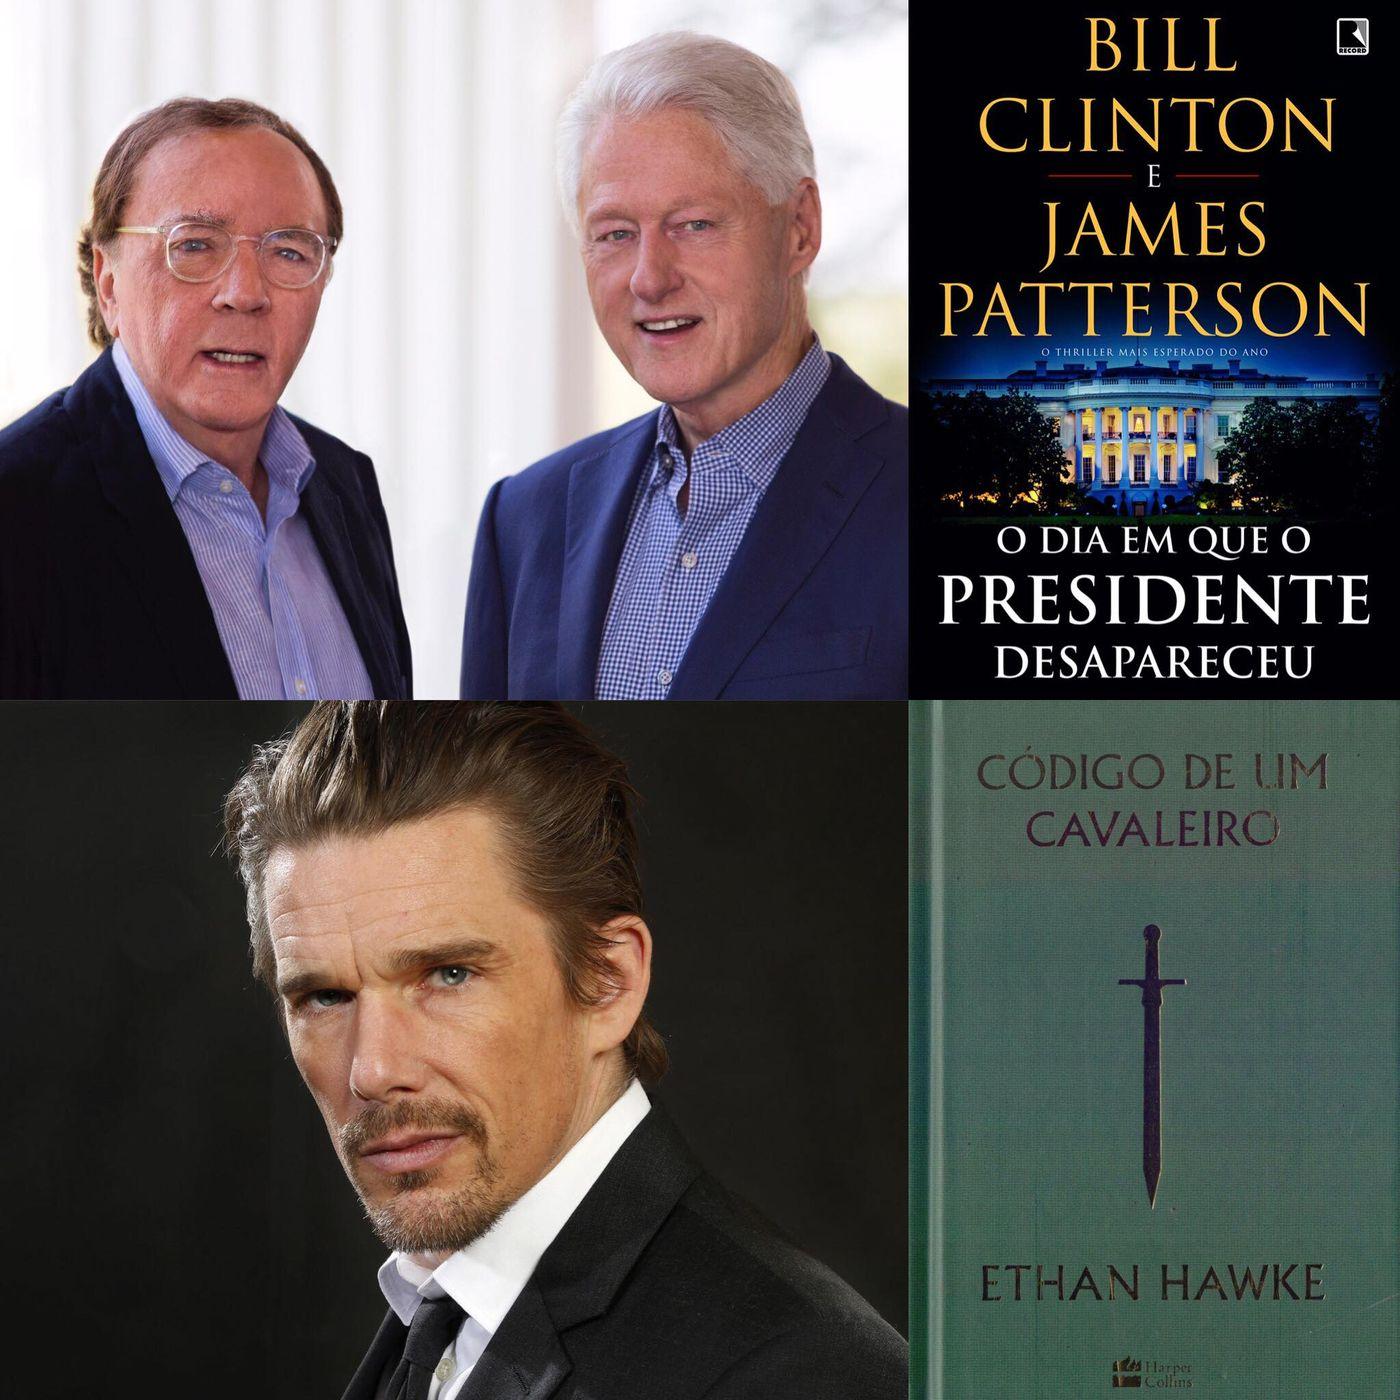 t02e24 - Ethan Hawke, Bill Clinton e James Patterson (Desafio de agosto)